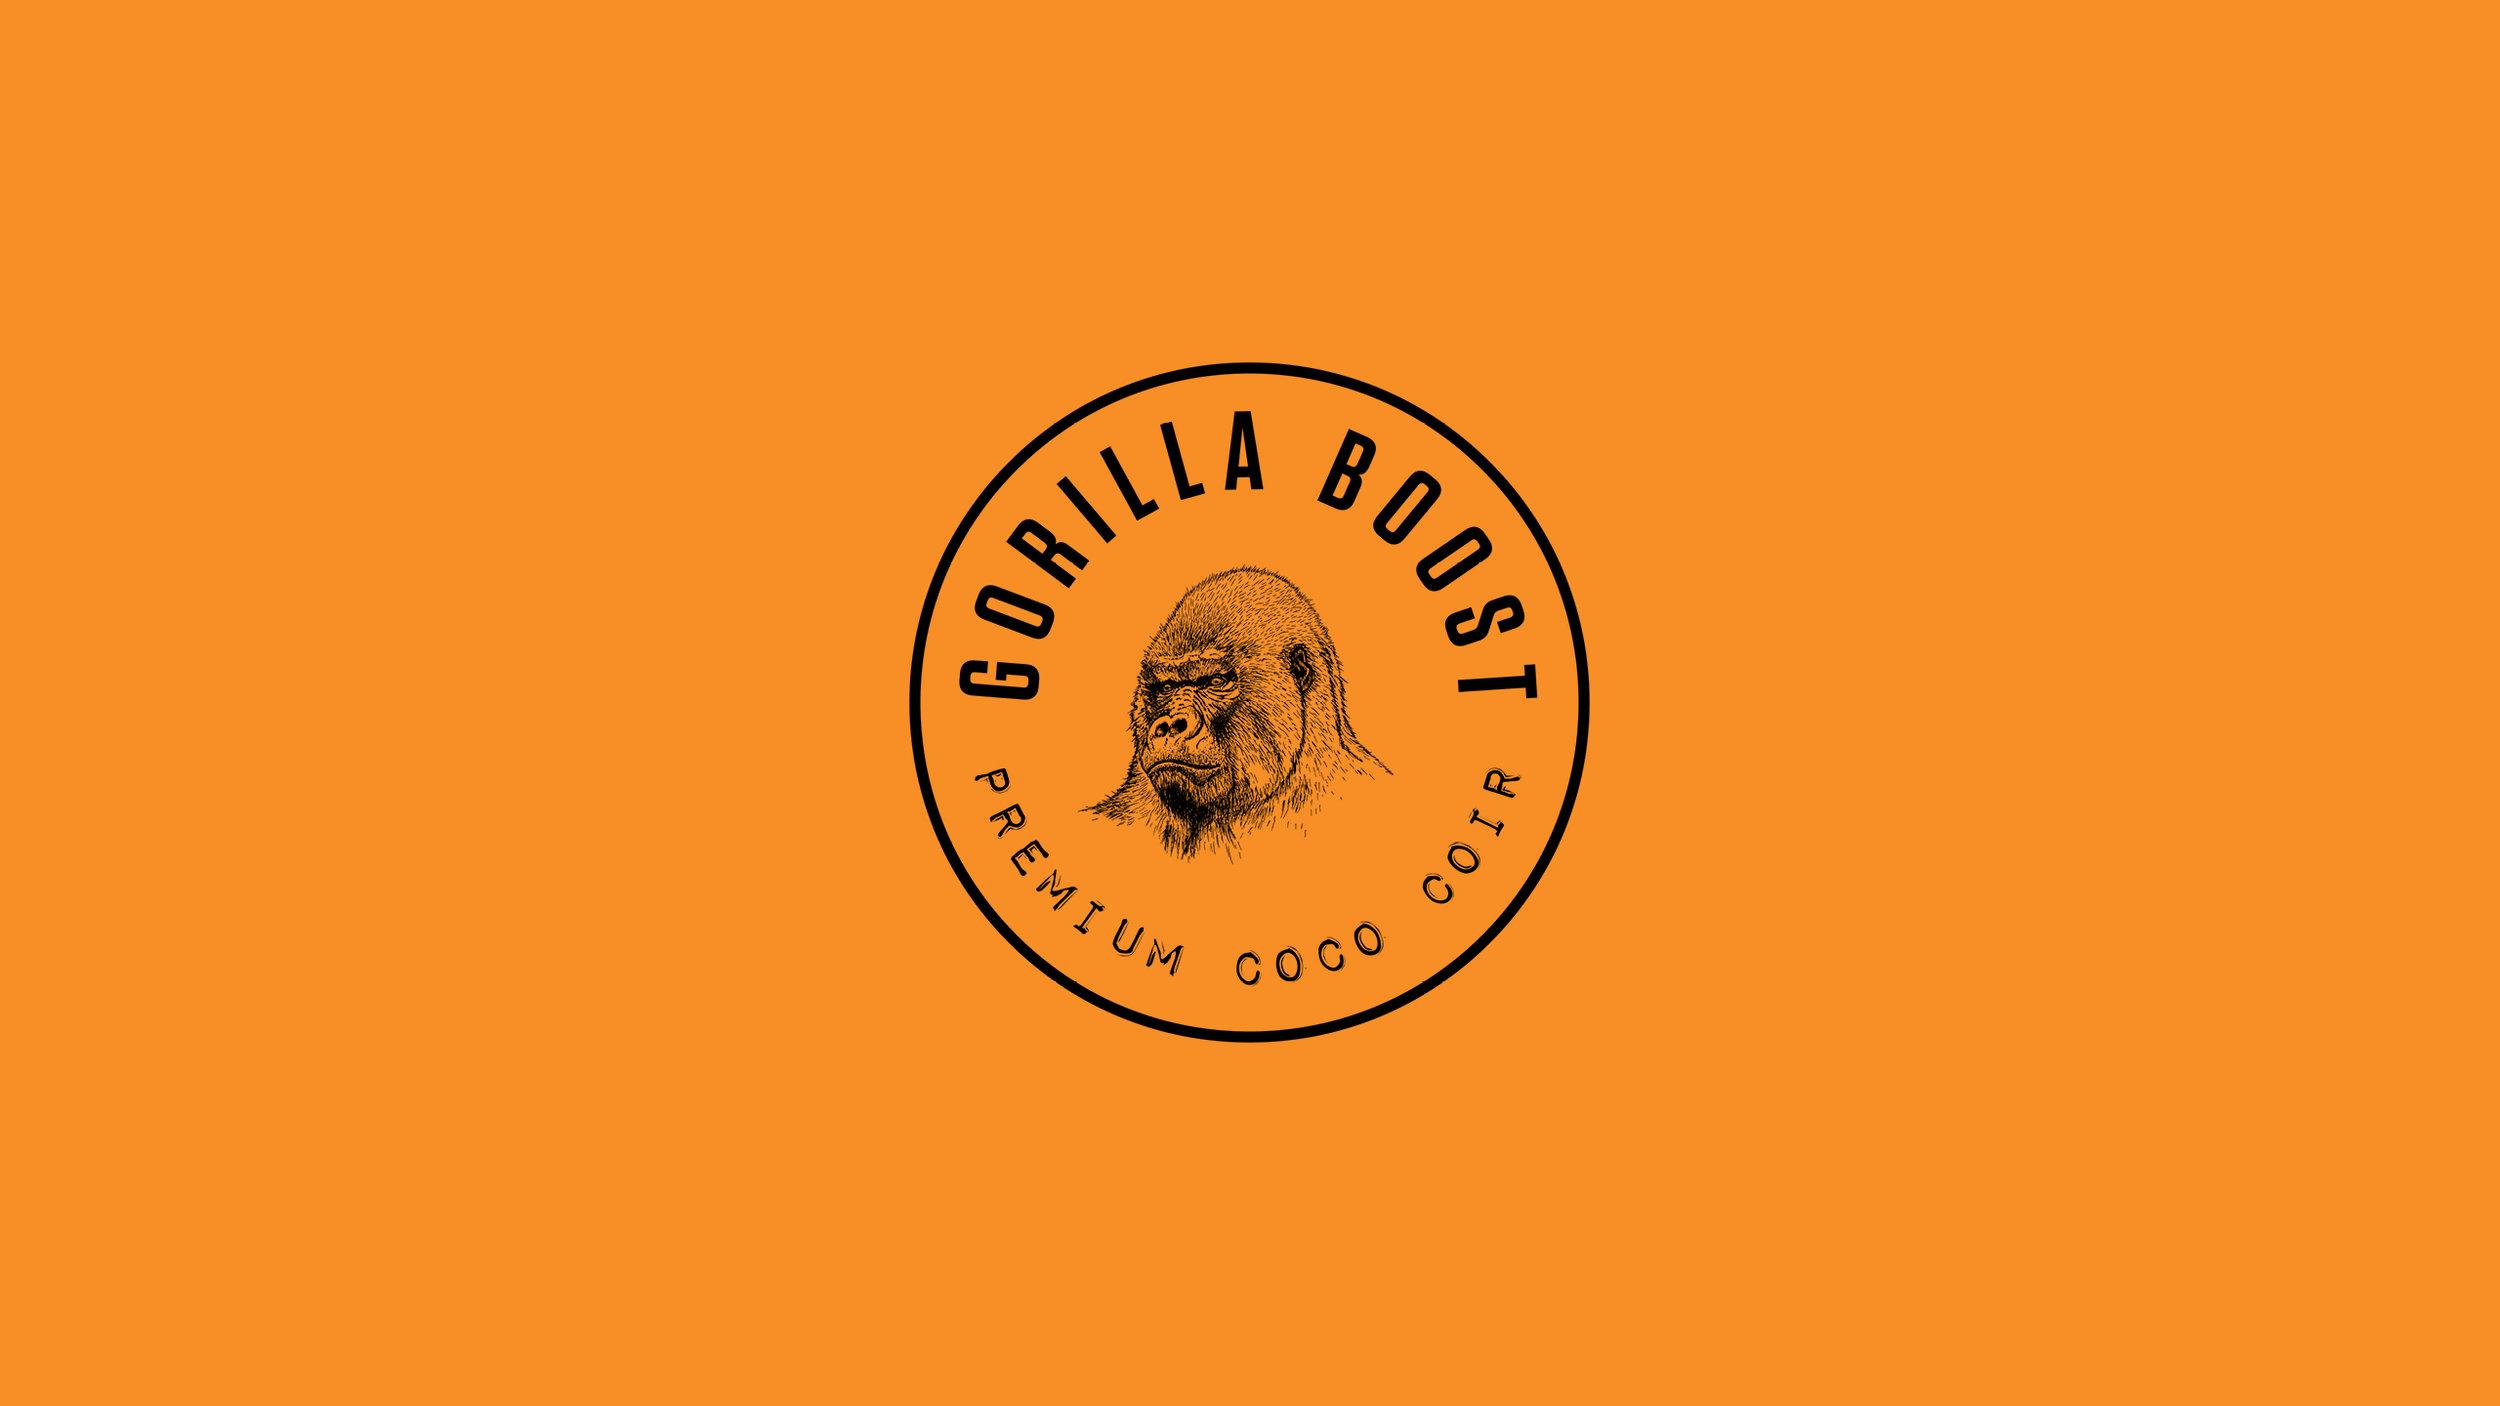 Gorilla Boost_Case Study2.jpg